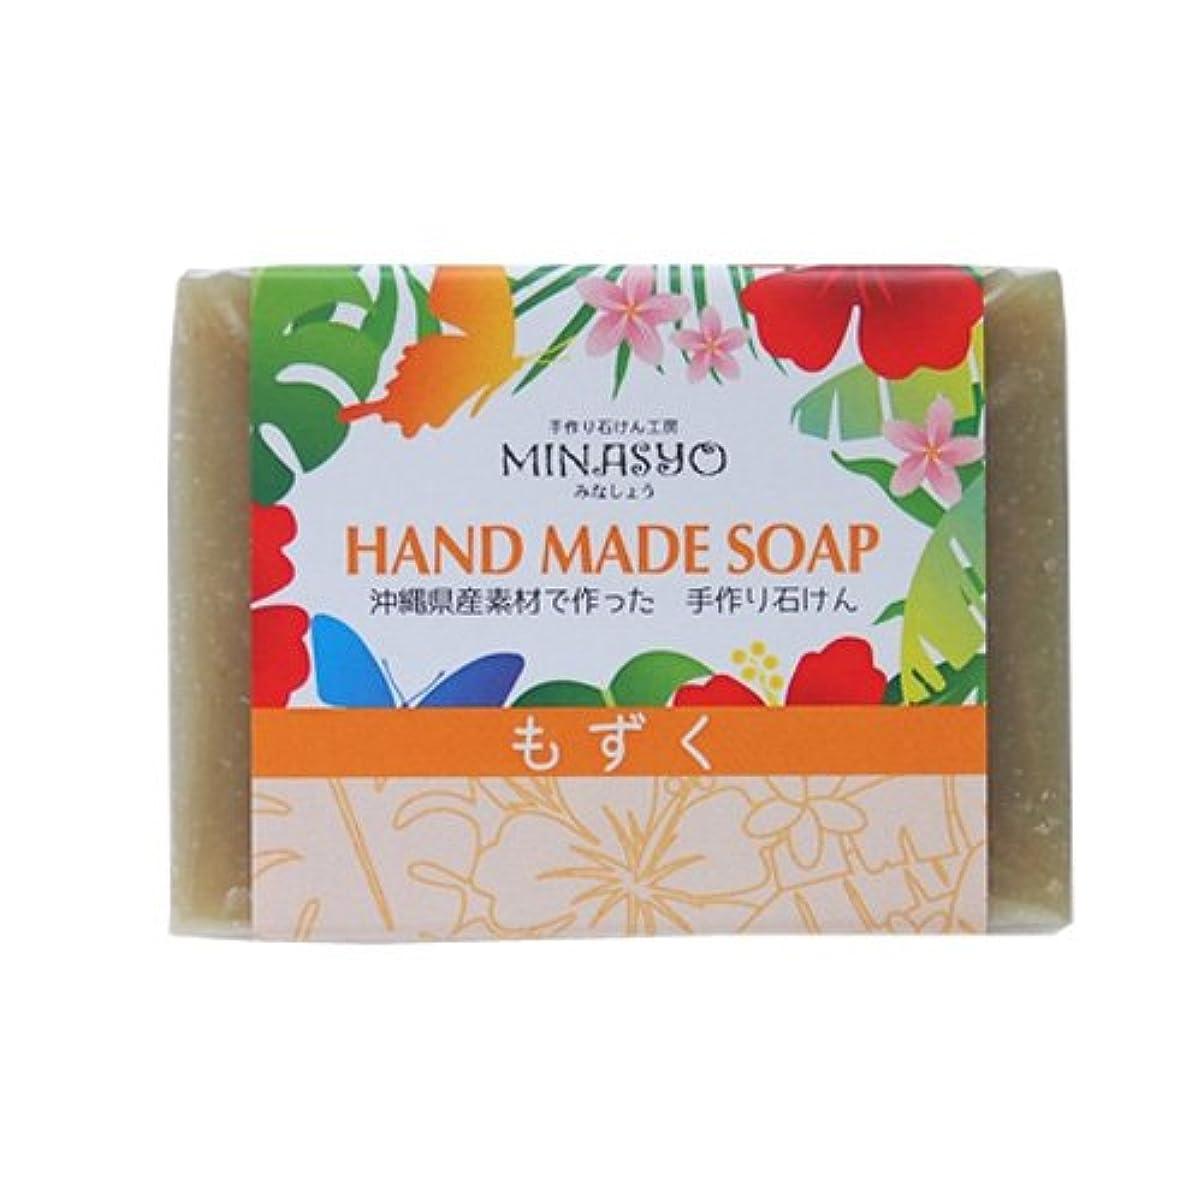 洗顔石鹸 固形 無添加 保湿 敏感肌 乾燥肌 手作りもずく石鹸